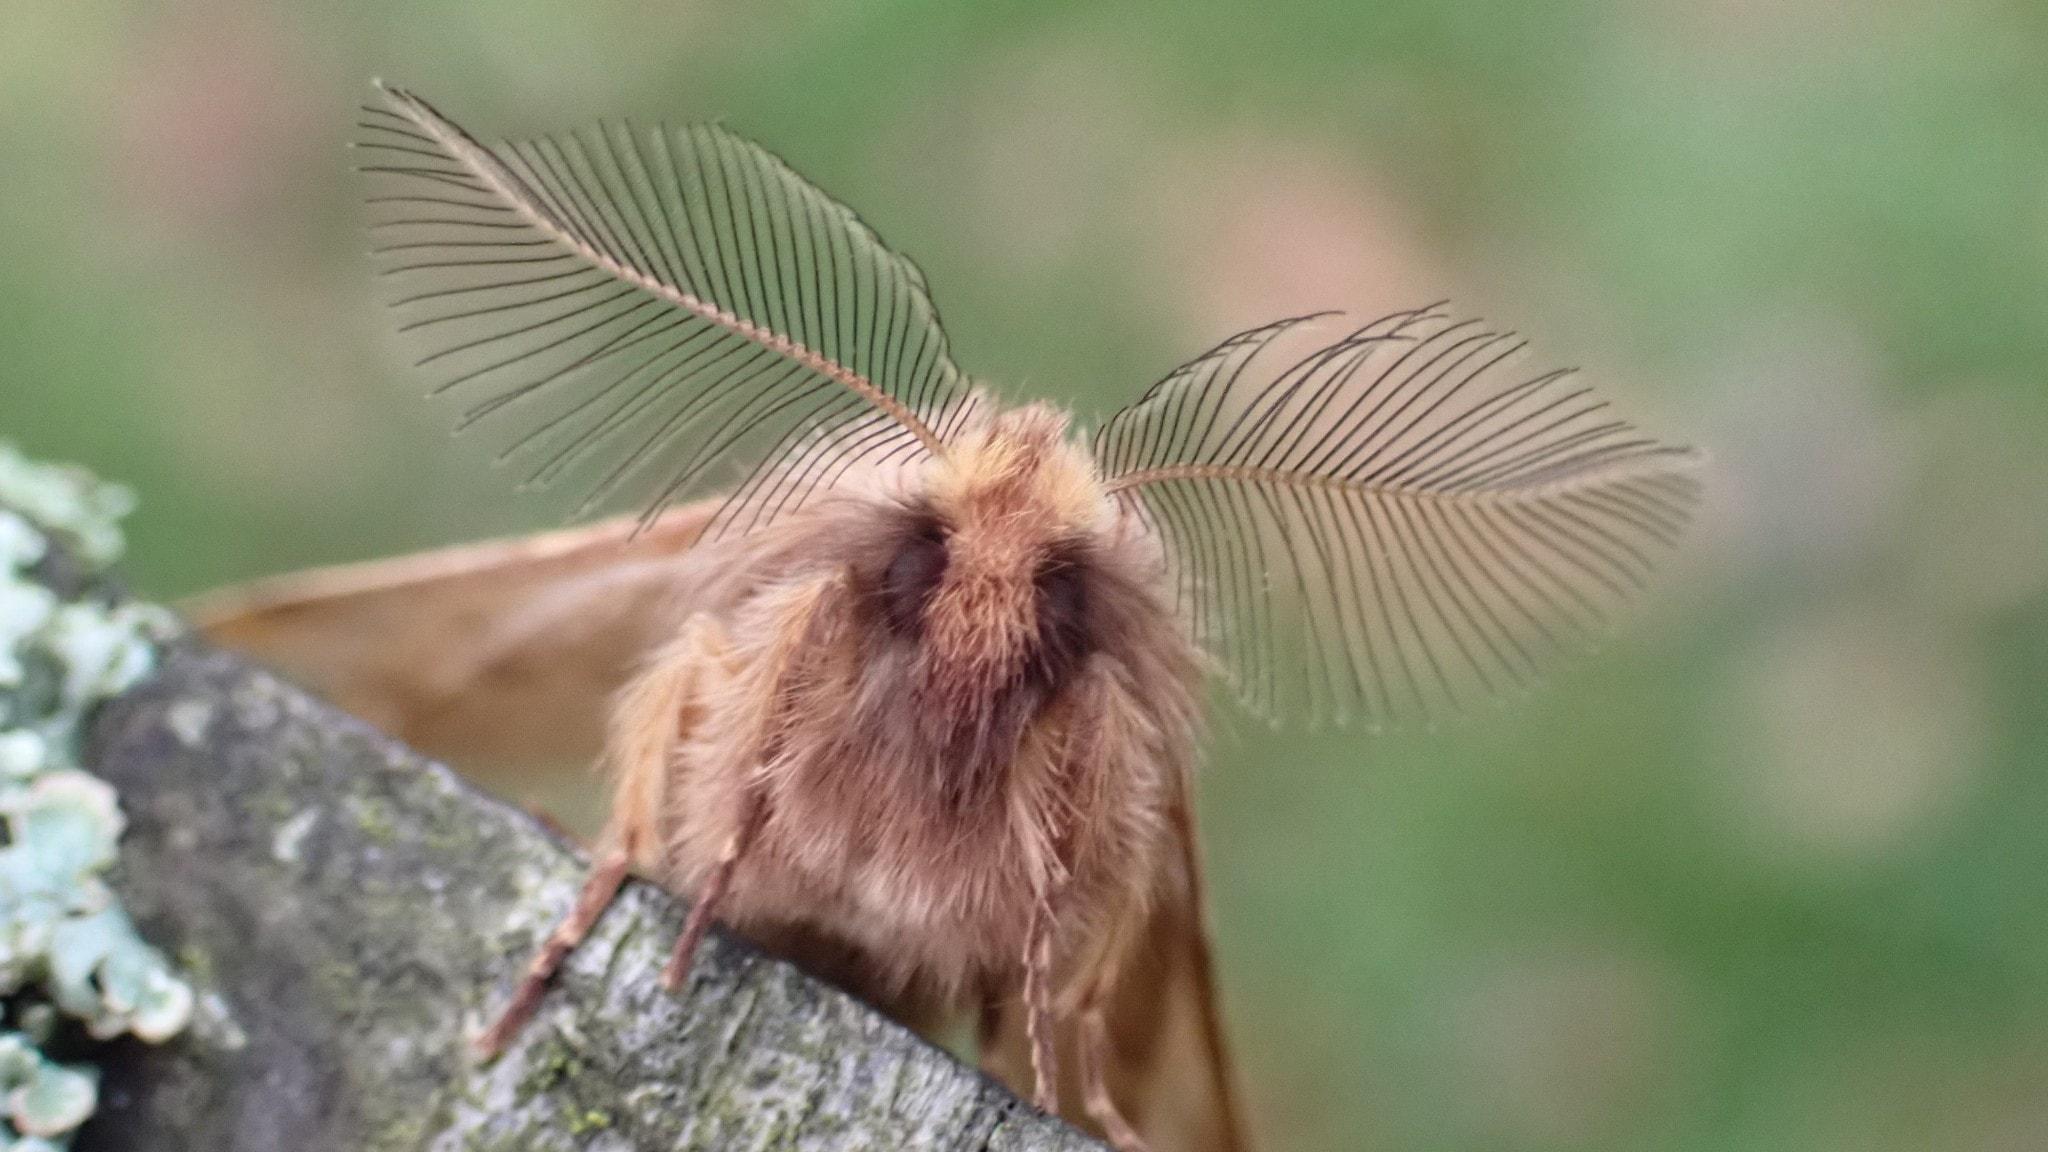 En ljusbrun fjäril som är hårig, nästan som att den har päls sitter på en träbit och tittar in i kameran. Antennerna sticker rakt ut och de ser ut som stora fjädrar.